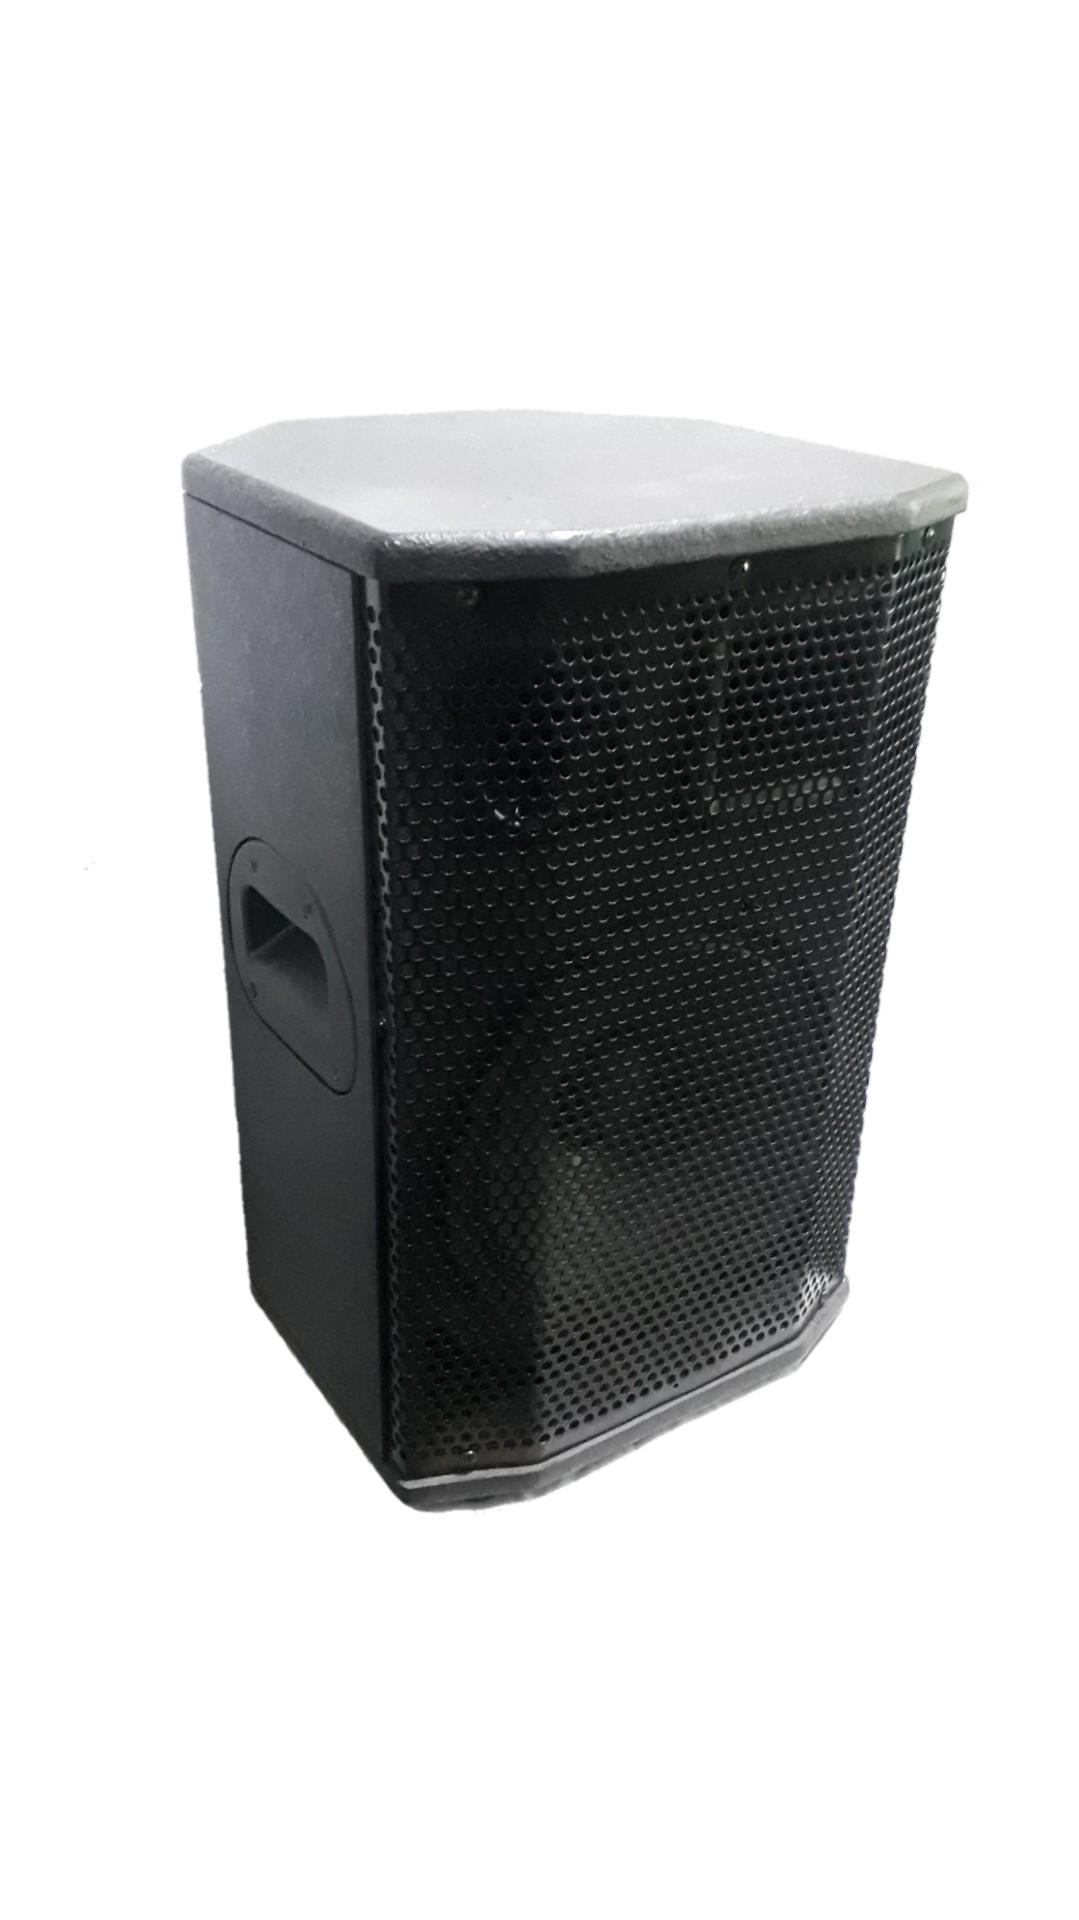 Caixa Acústica Alternativa Falante 10.5 Passiva 187wref.